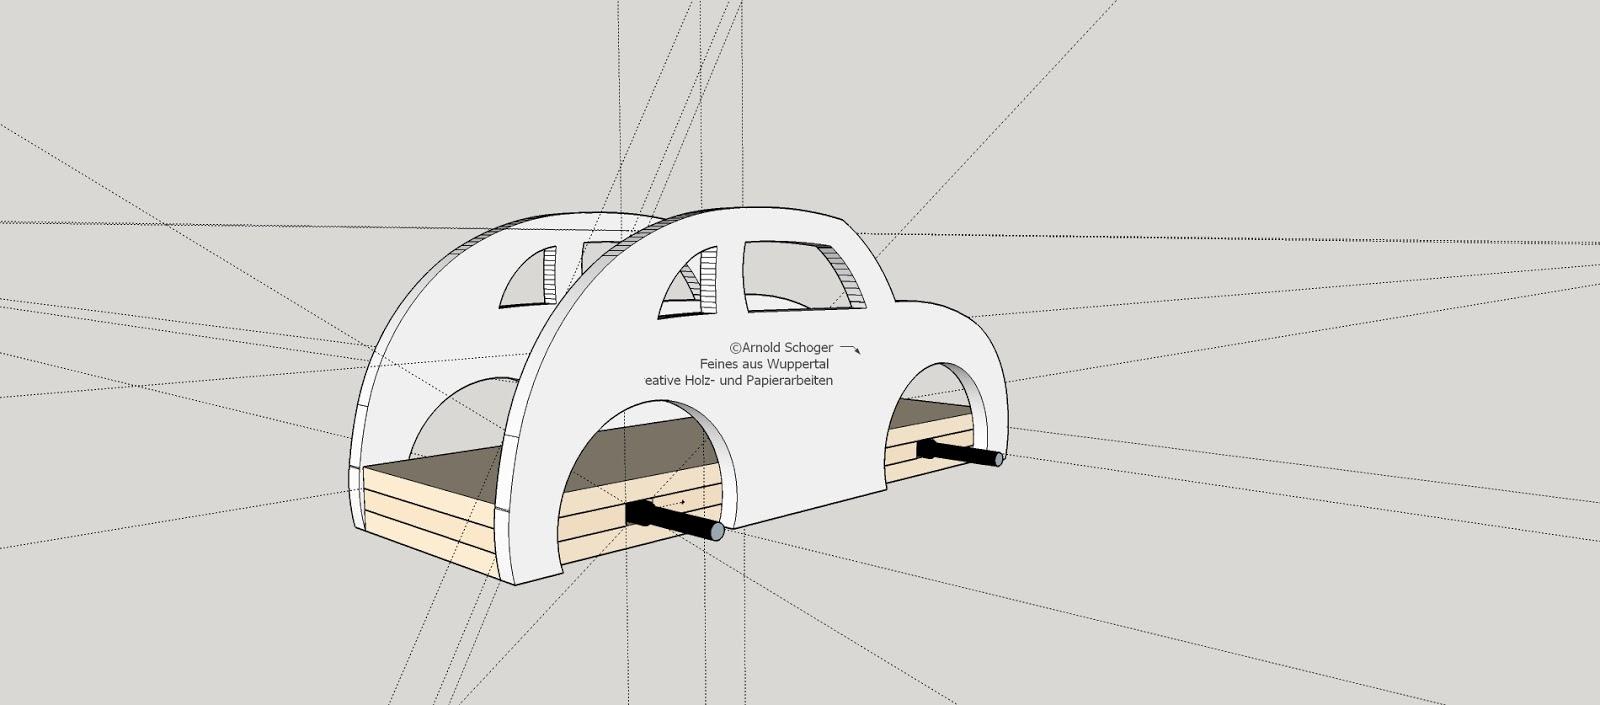 Bauanleitung zum Basteln eines einfachen Autos | Feines aus Wuppertal